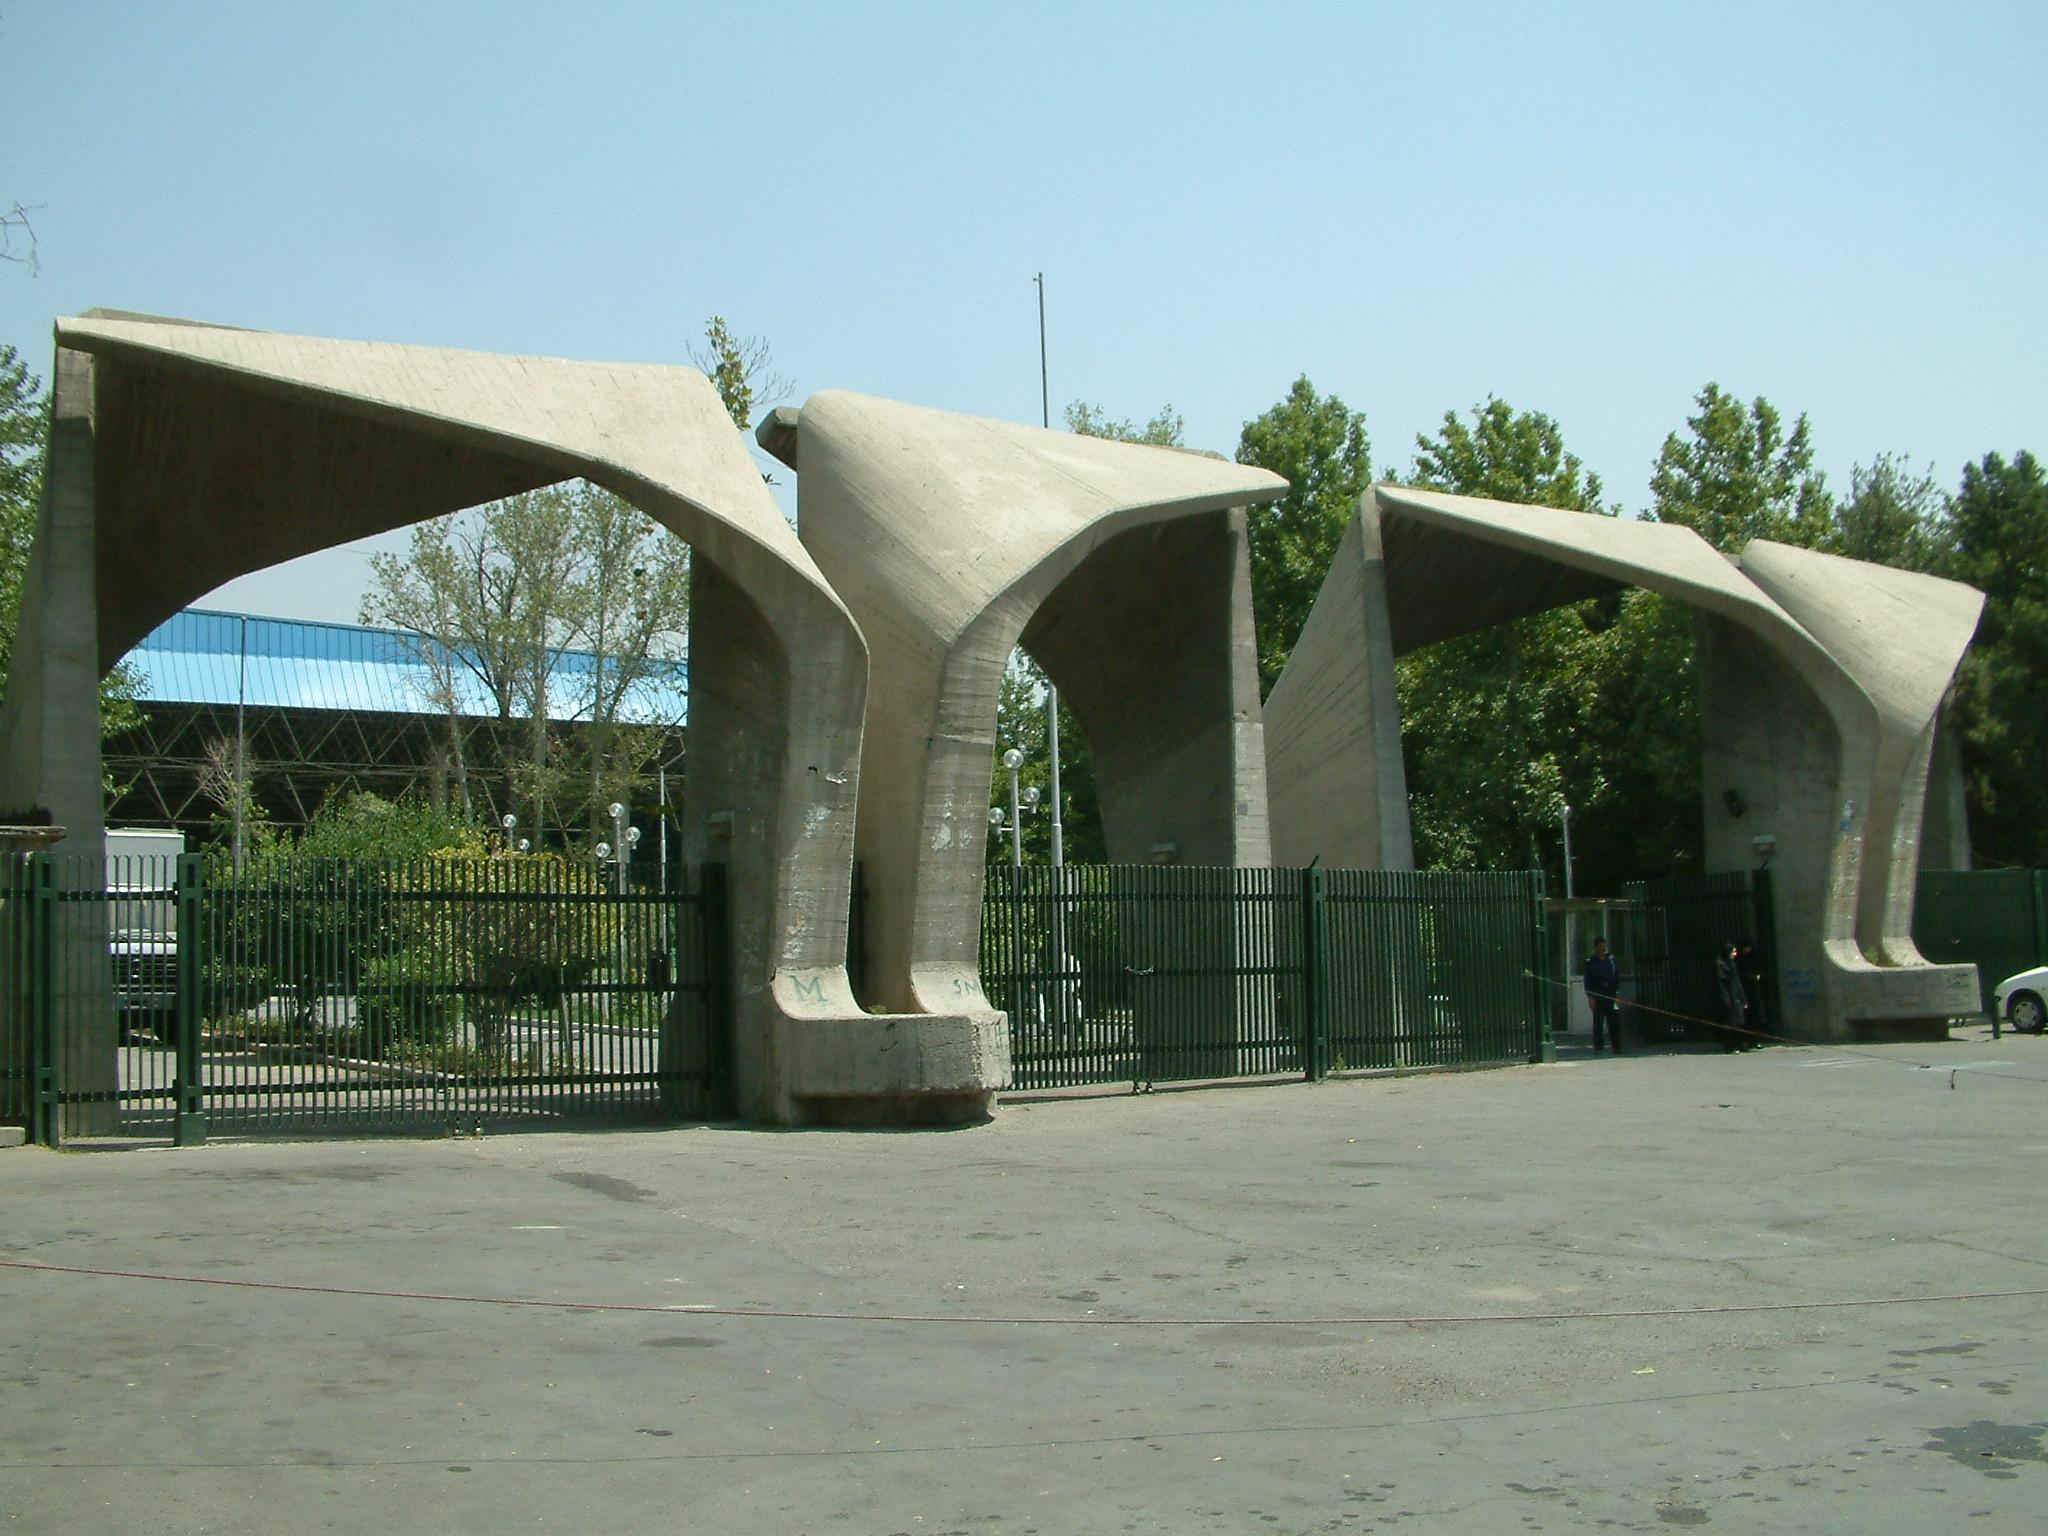 تحصیل 2000 دانشجوی خارجی علاقمند زبان فارسی در دانشگاه تهران